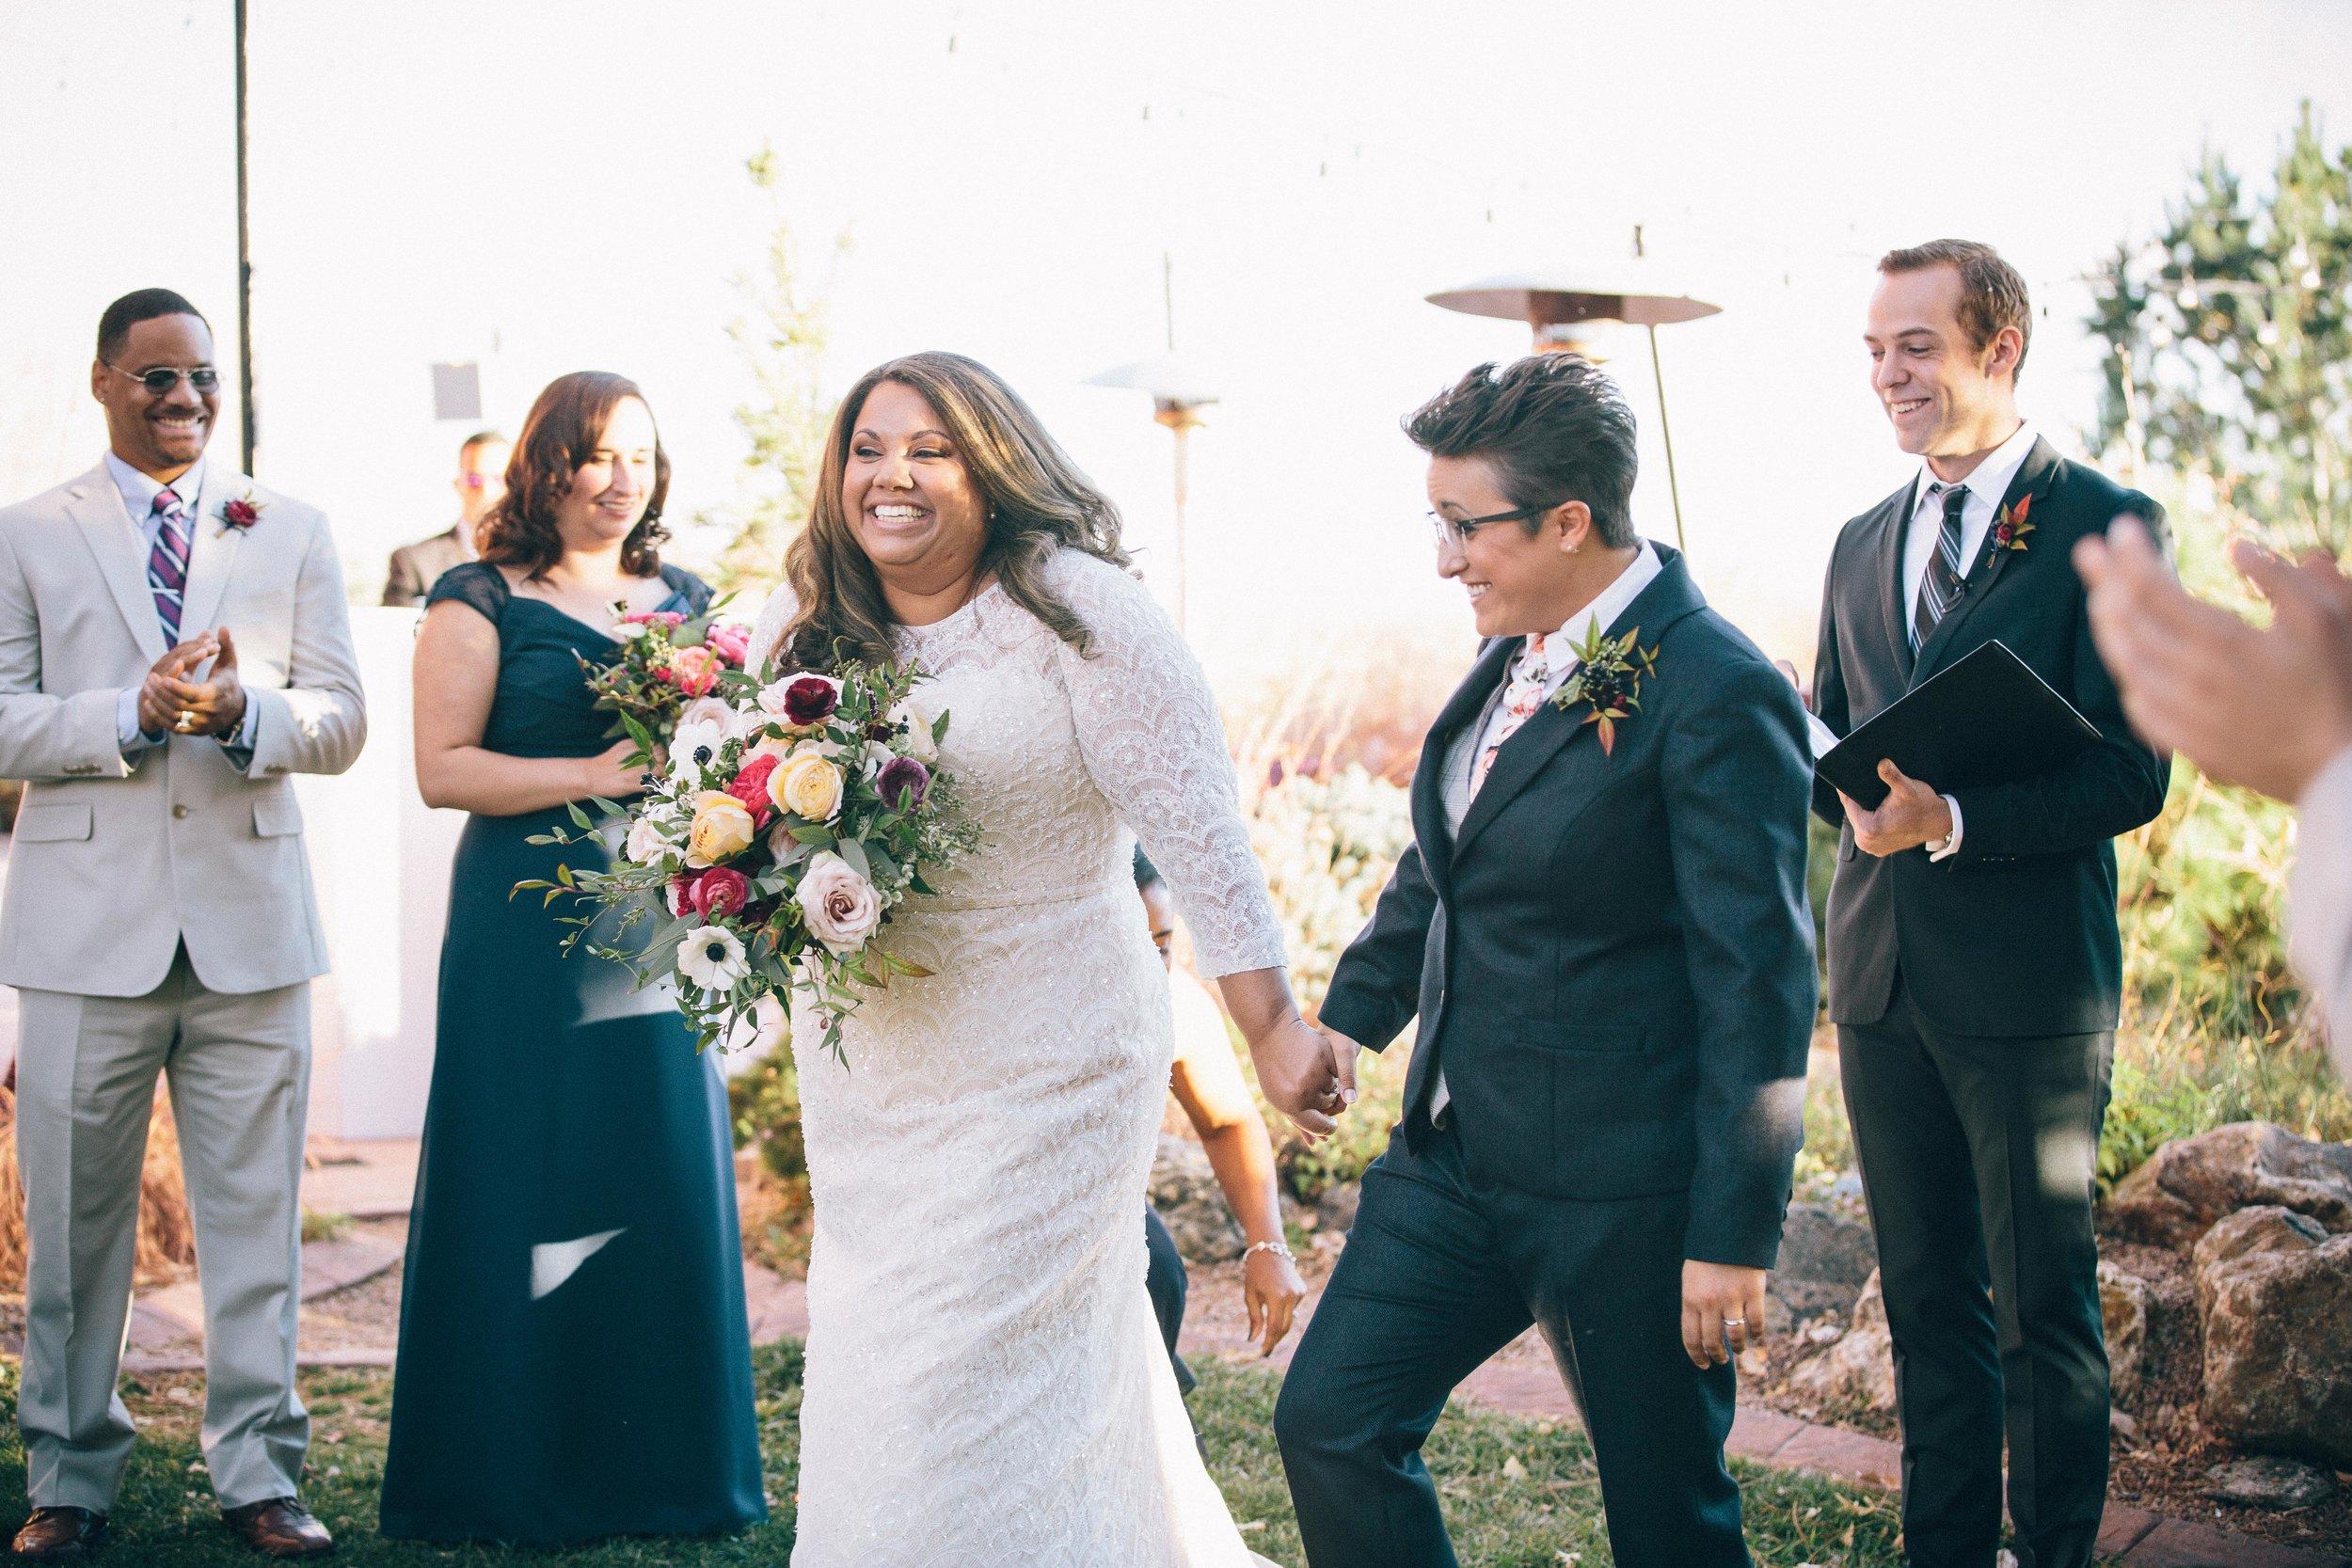 MP_16.11.05_Danielle-&-Laura-Wedding-Chatfield-Farms-8408.jpg